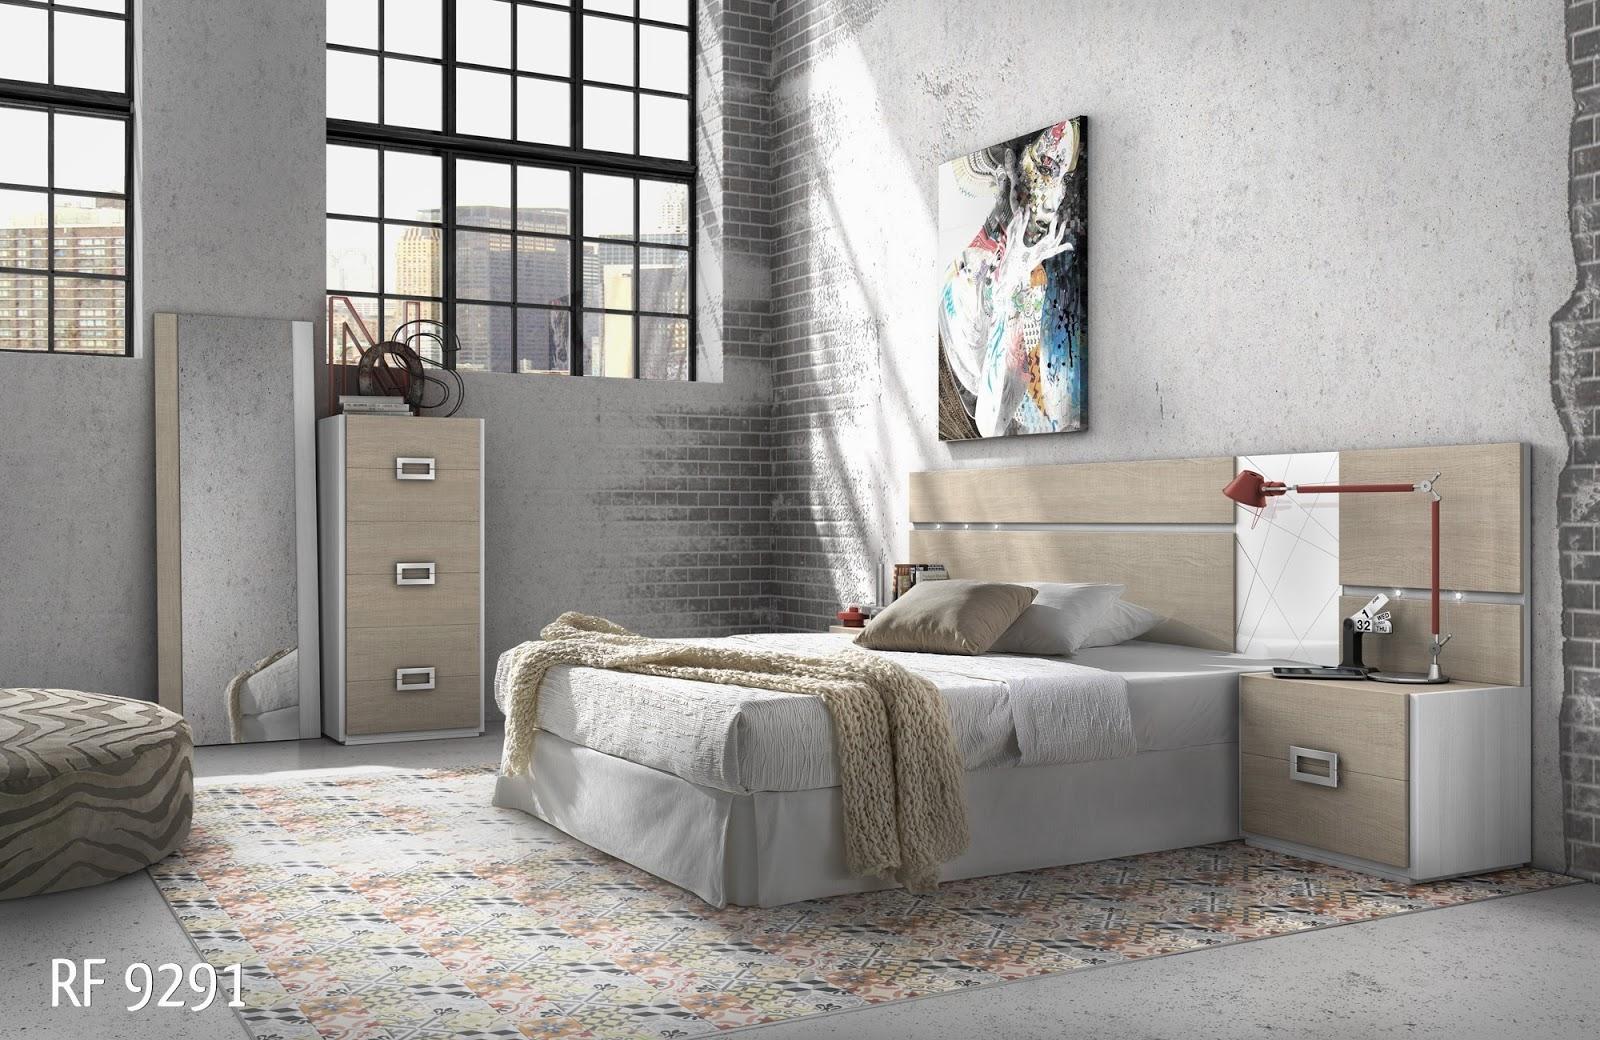 Tu tienda ahorro dormitorio for Dormitorios ahorro total